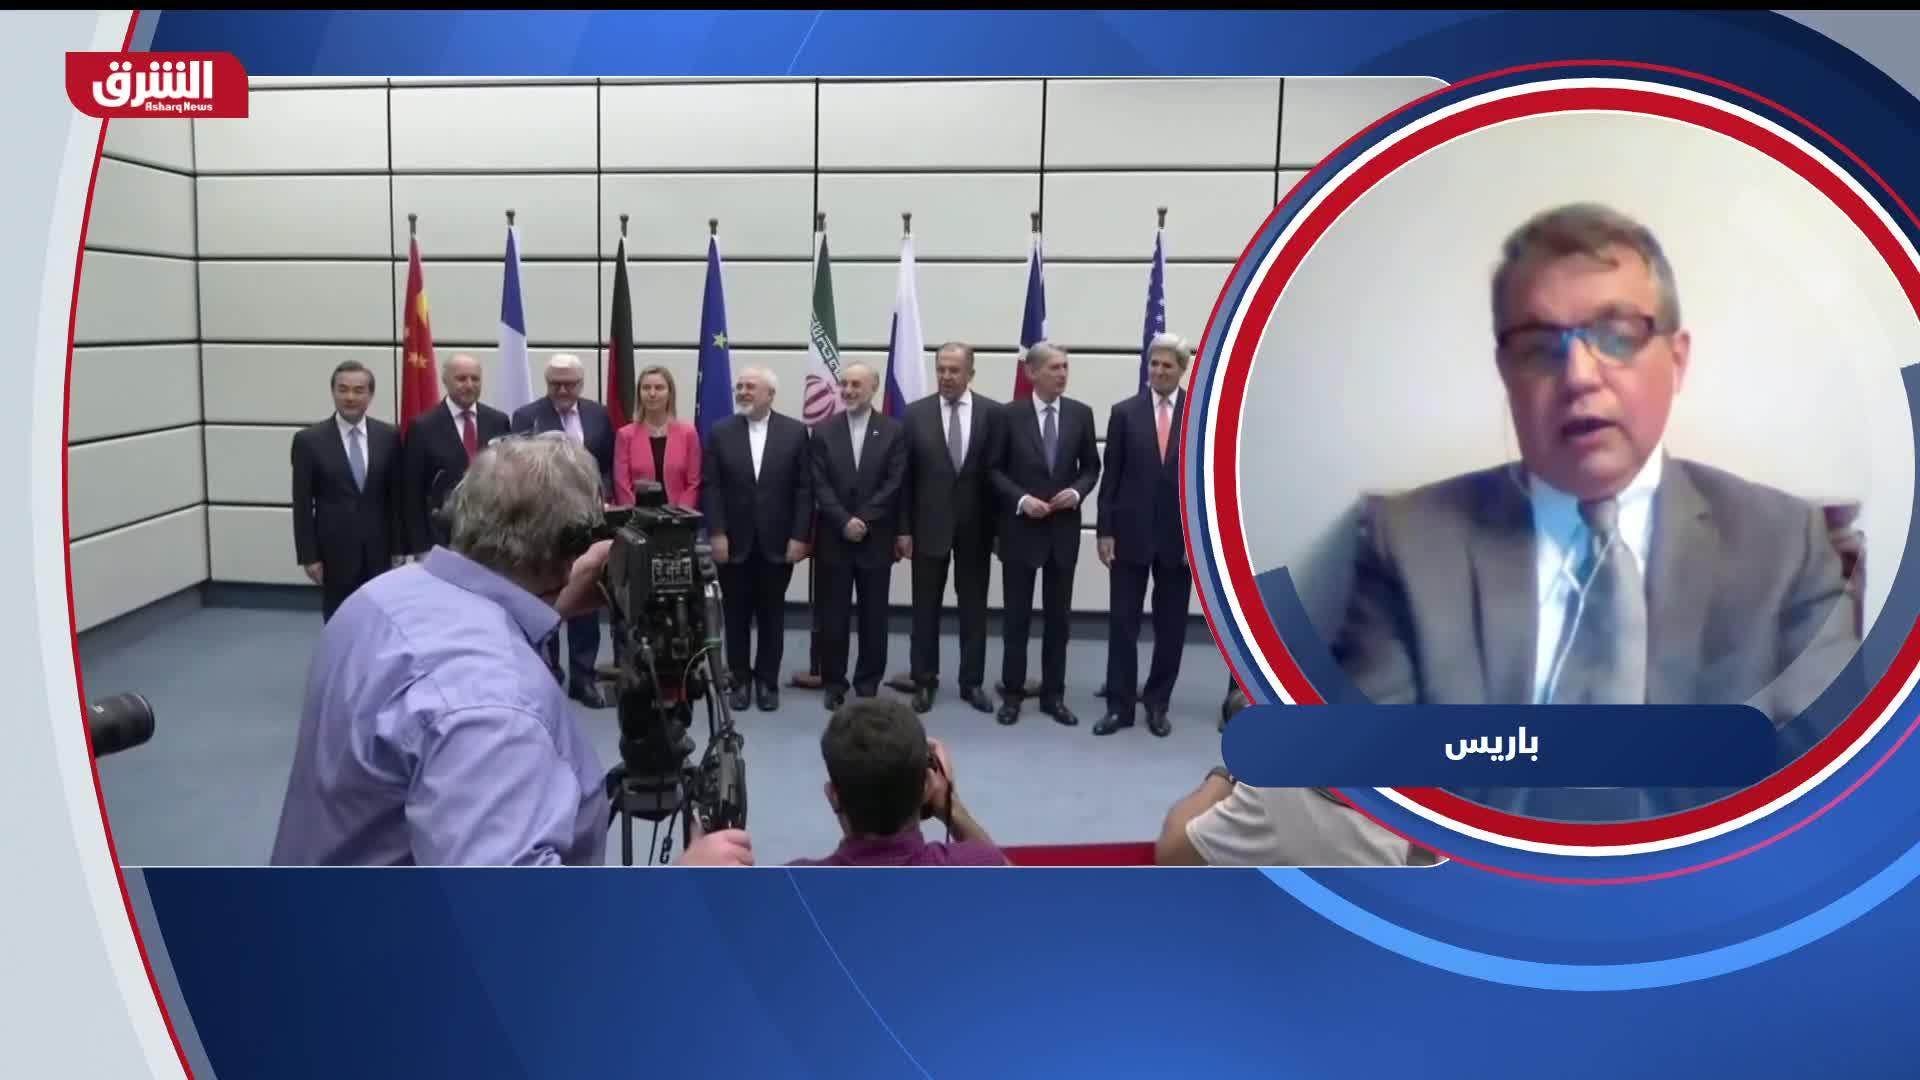 الوكالة الذرية: سحب مشروع انتقاد إيران